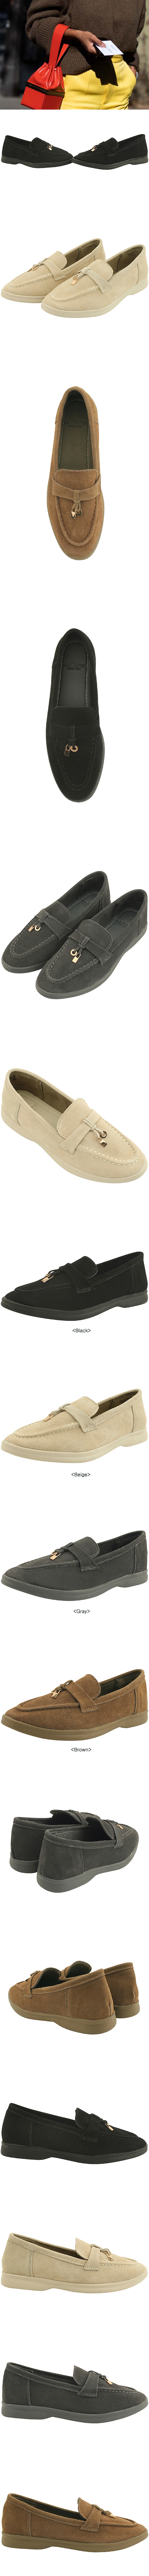 Cowhide Suede Metal Tassel Loafers Black